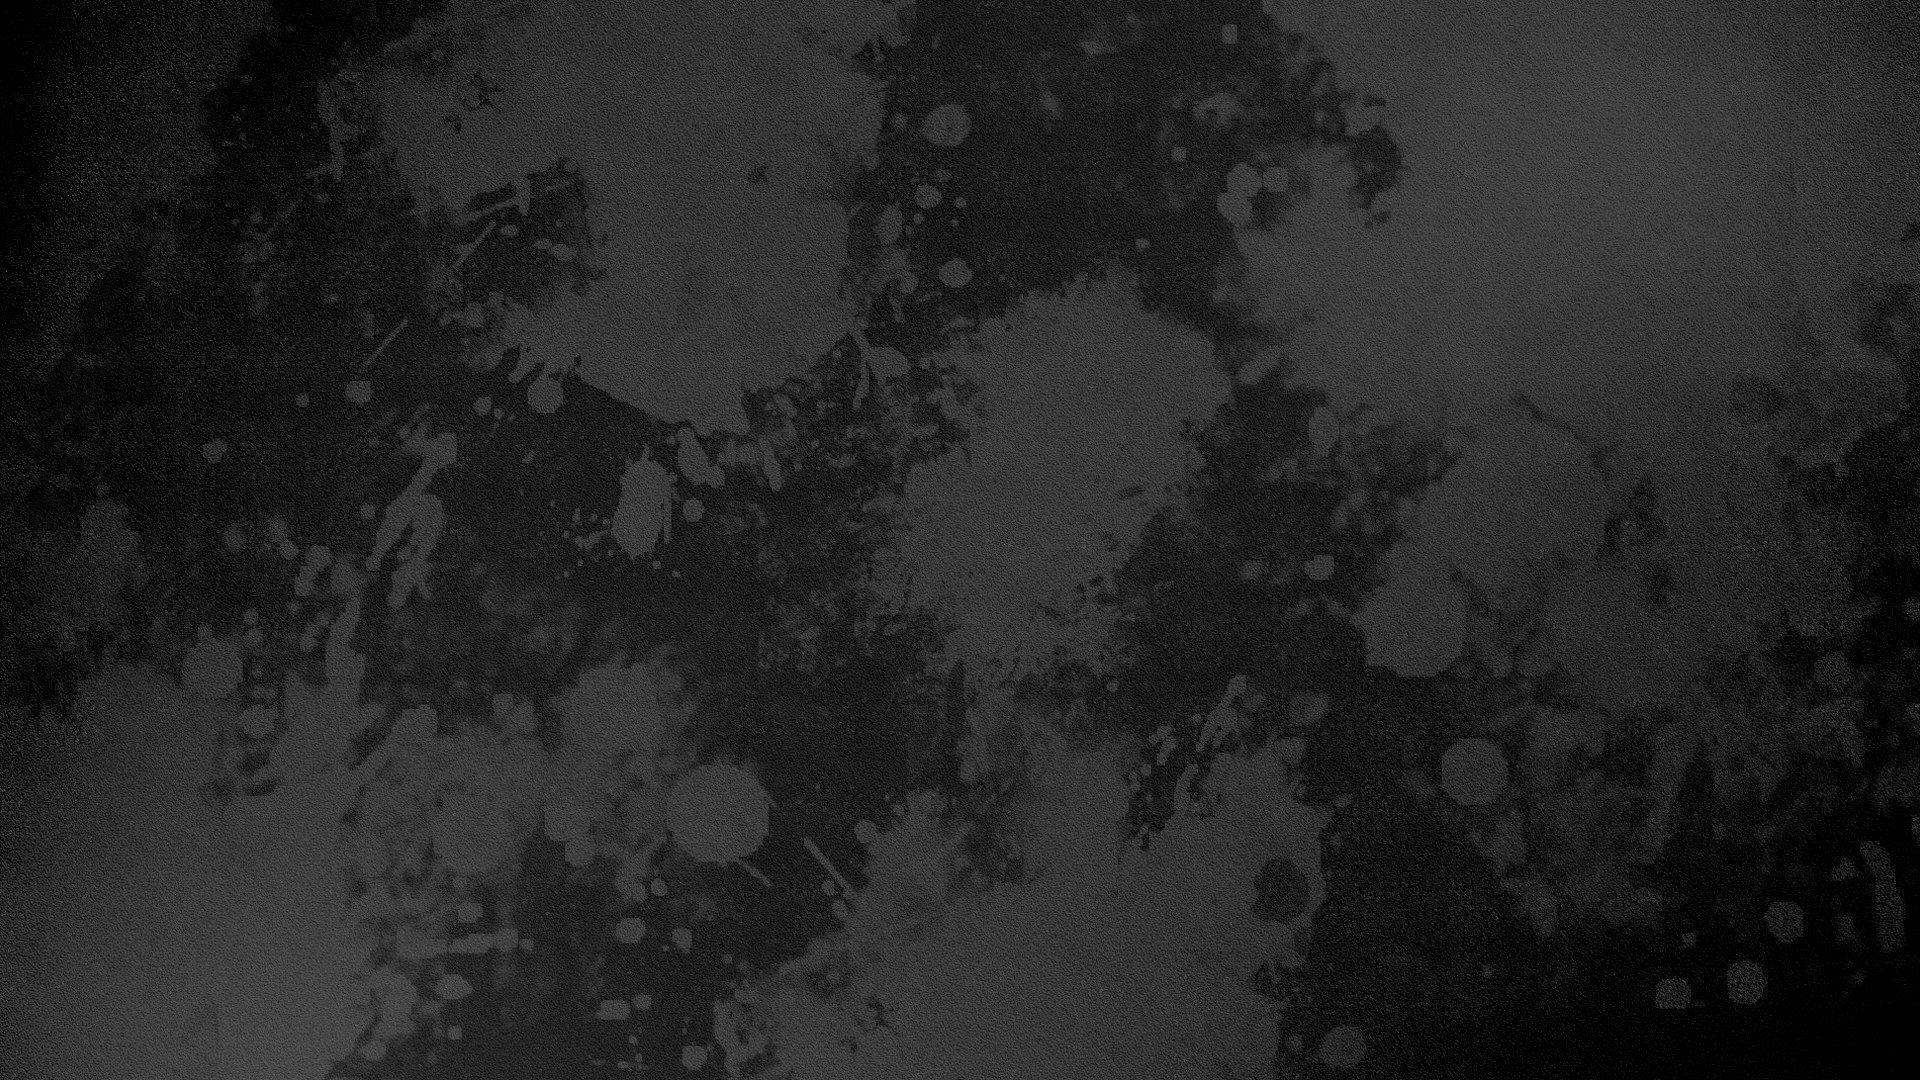 Tumblr grunge laptop wallpapers top free tumblr grunge - White grunge background 1920x1080 ...